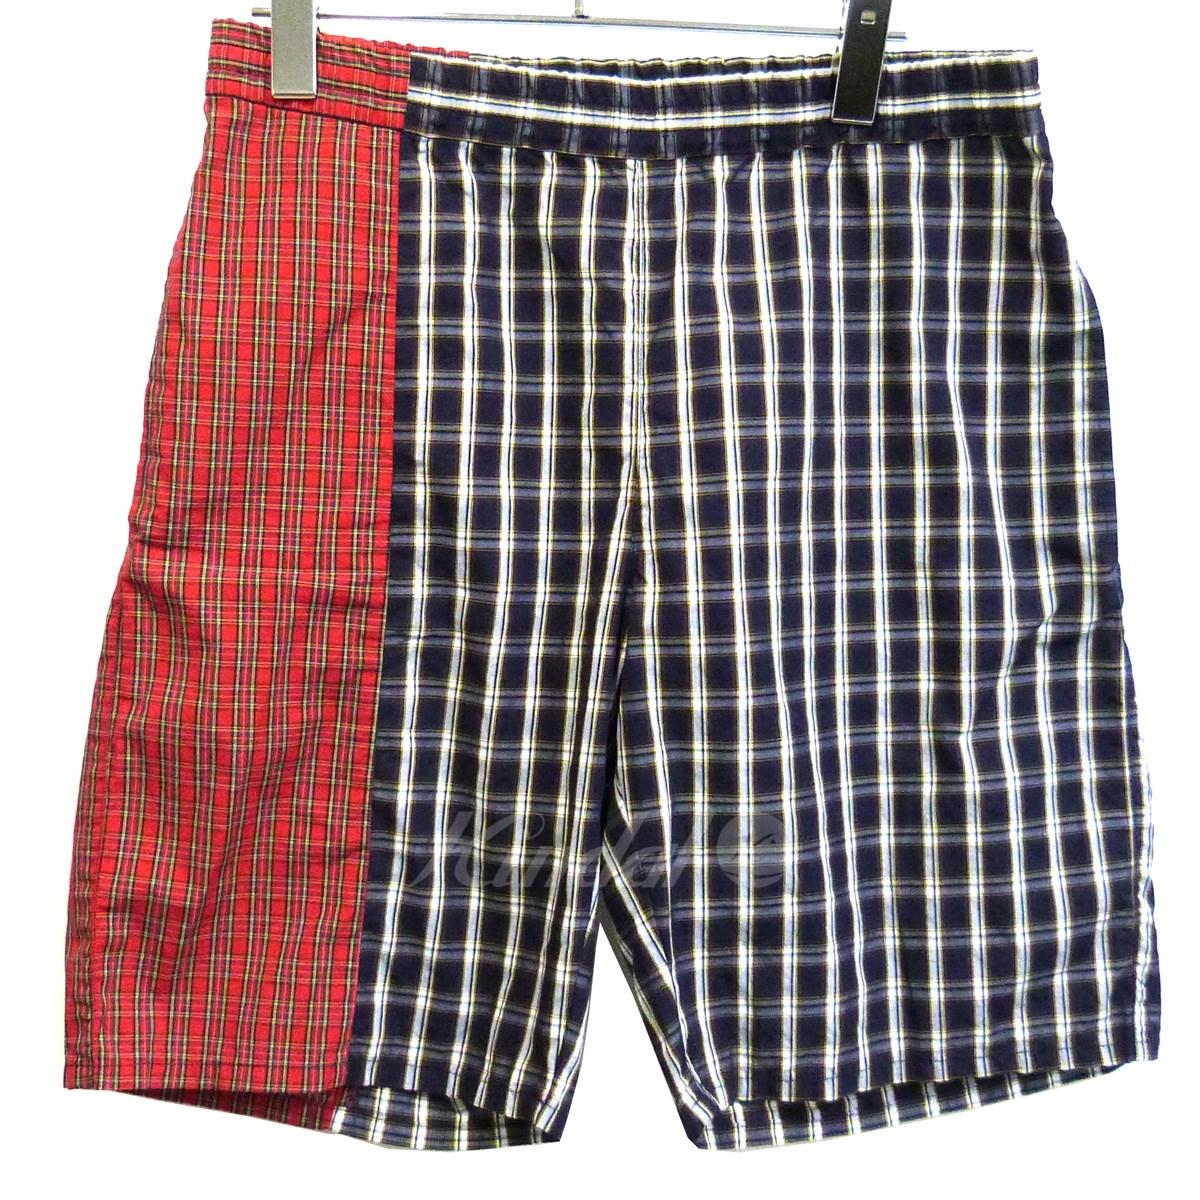 【中古】Gosha Rubchinskiy 【18SS】「checked bermuda shorts」バミューダパンツ ネイビー×レッド サイズ:M 【送料無料】 【131218】(ゴーシャラブチンスキー)